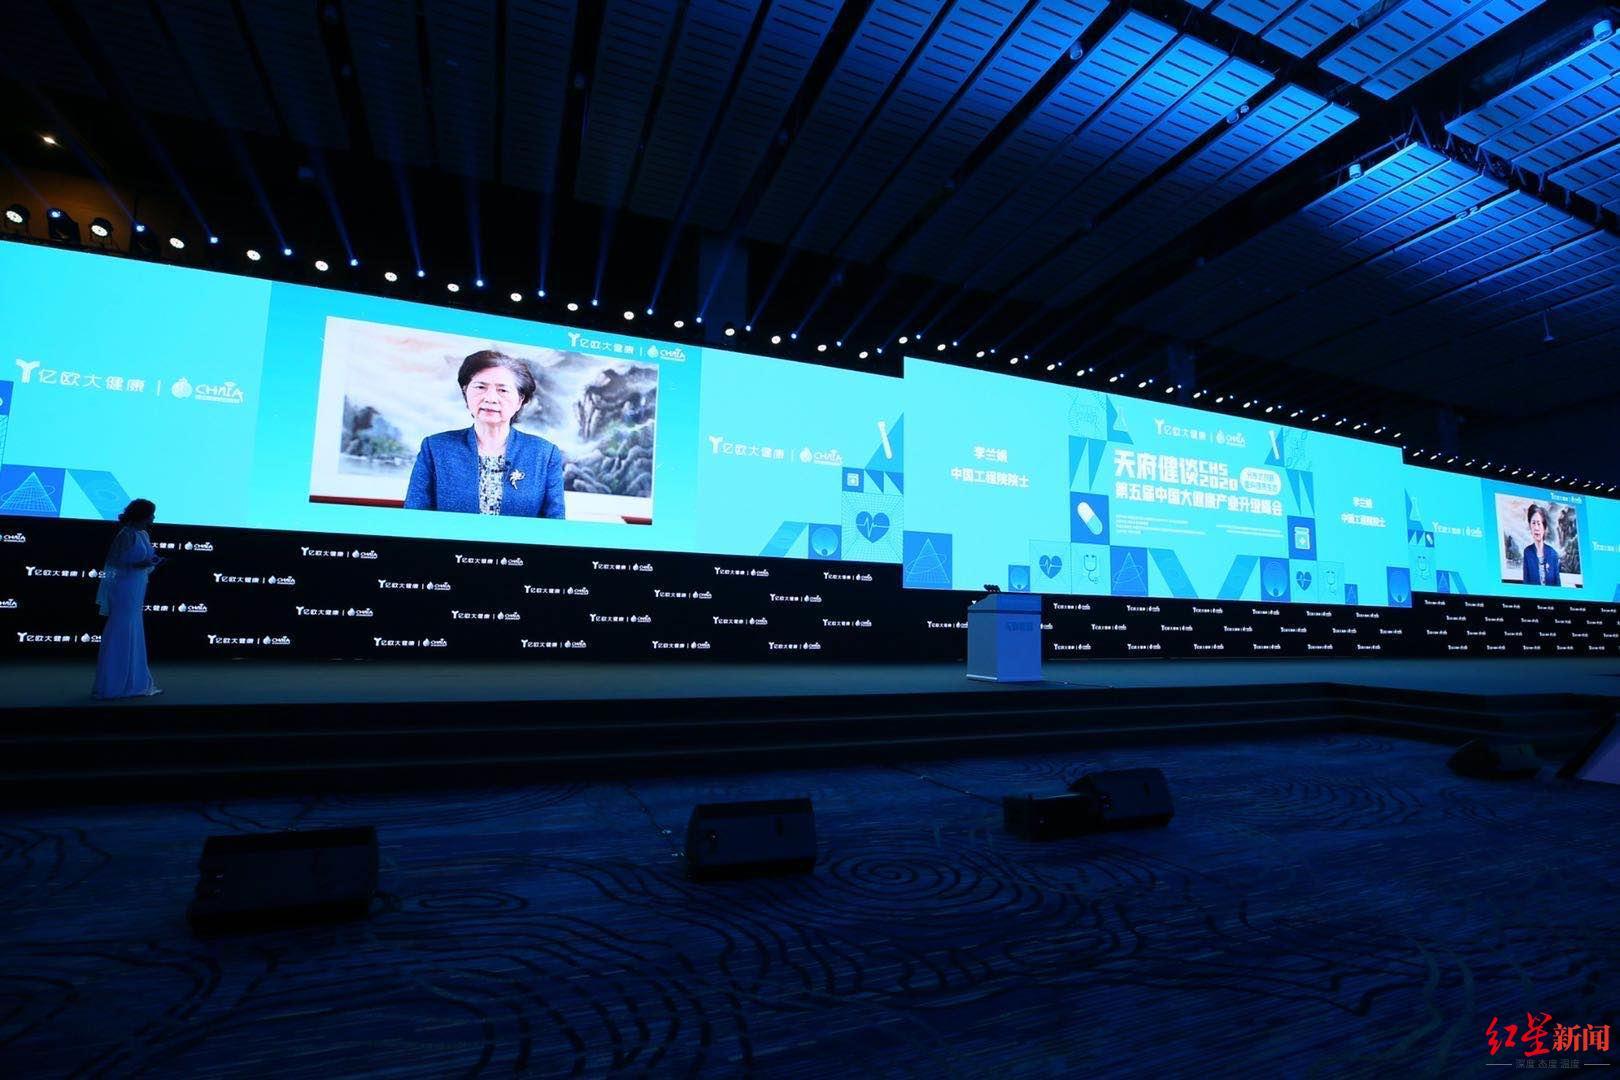 李兰娟谈抗疫经验:北京新发地疫情,利用人工智能很快发现高危人群